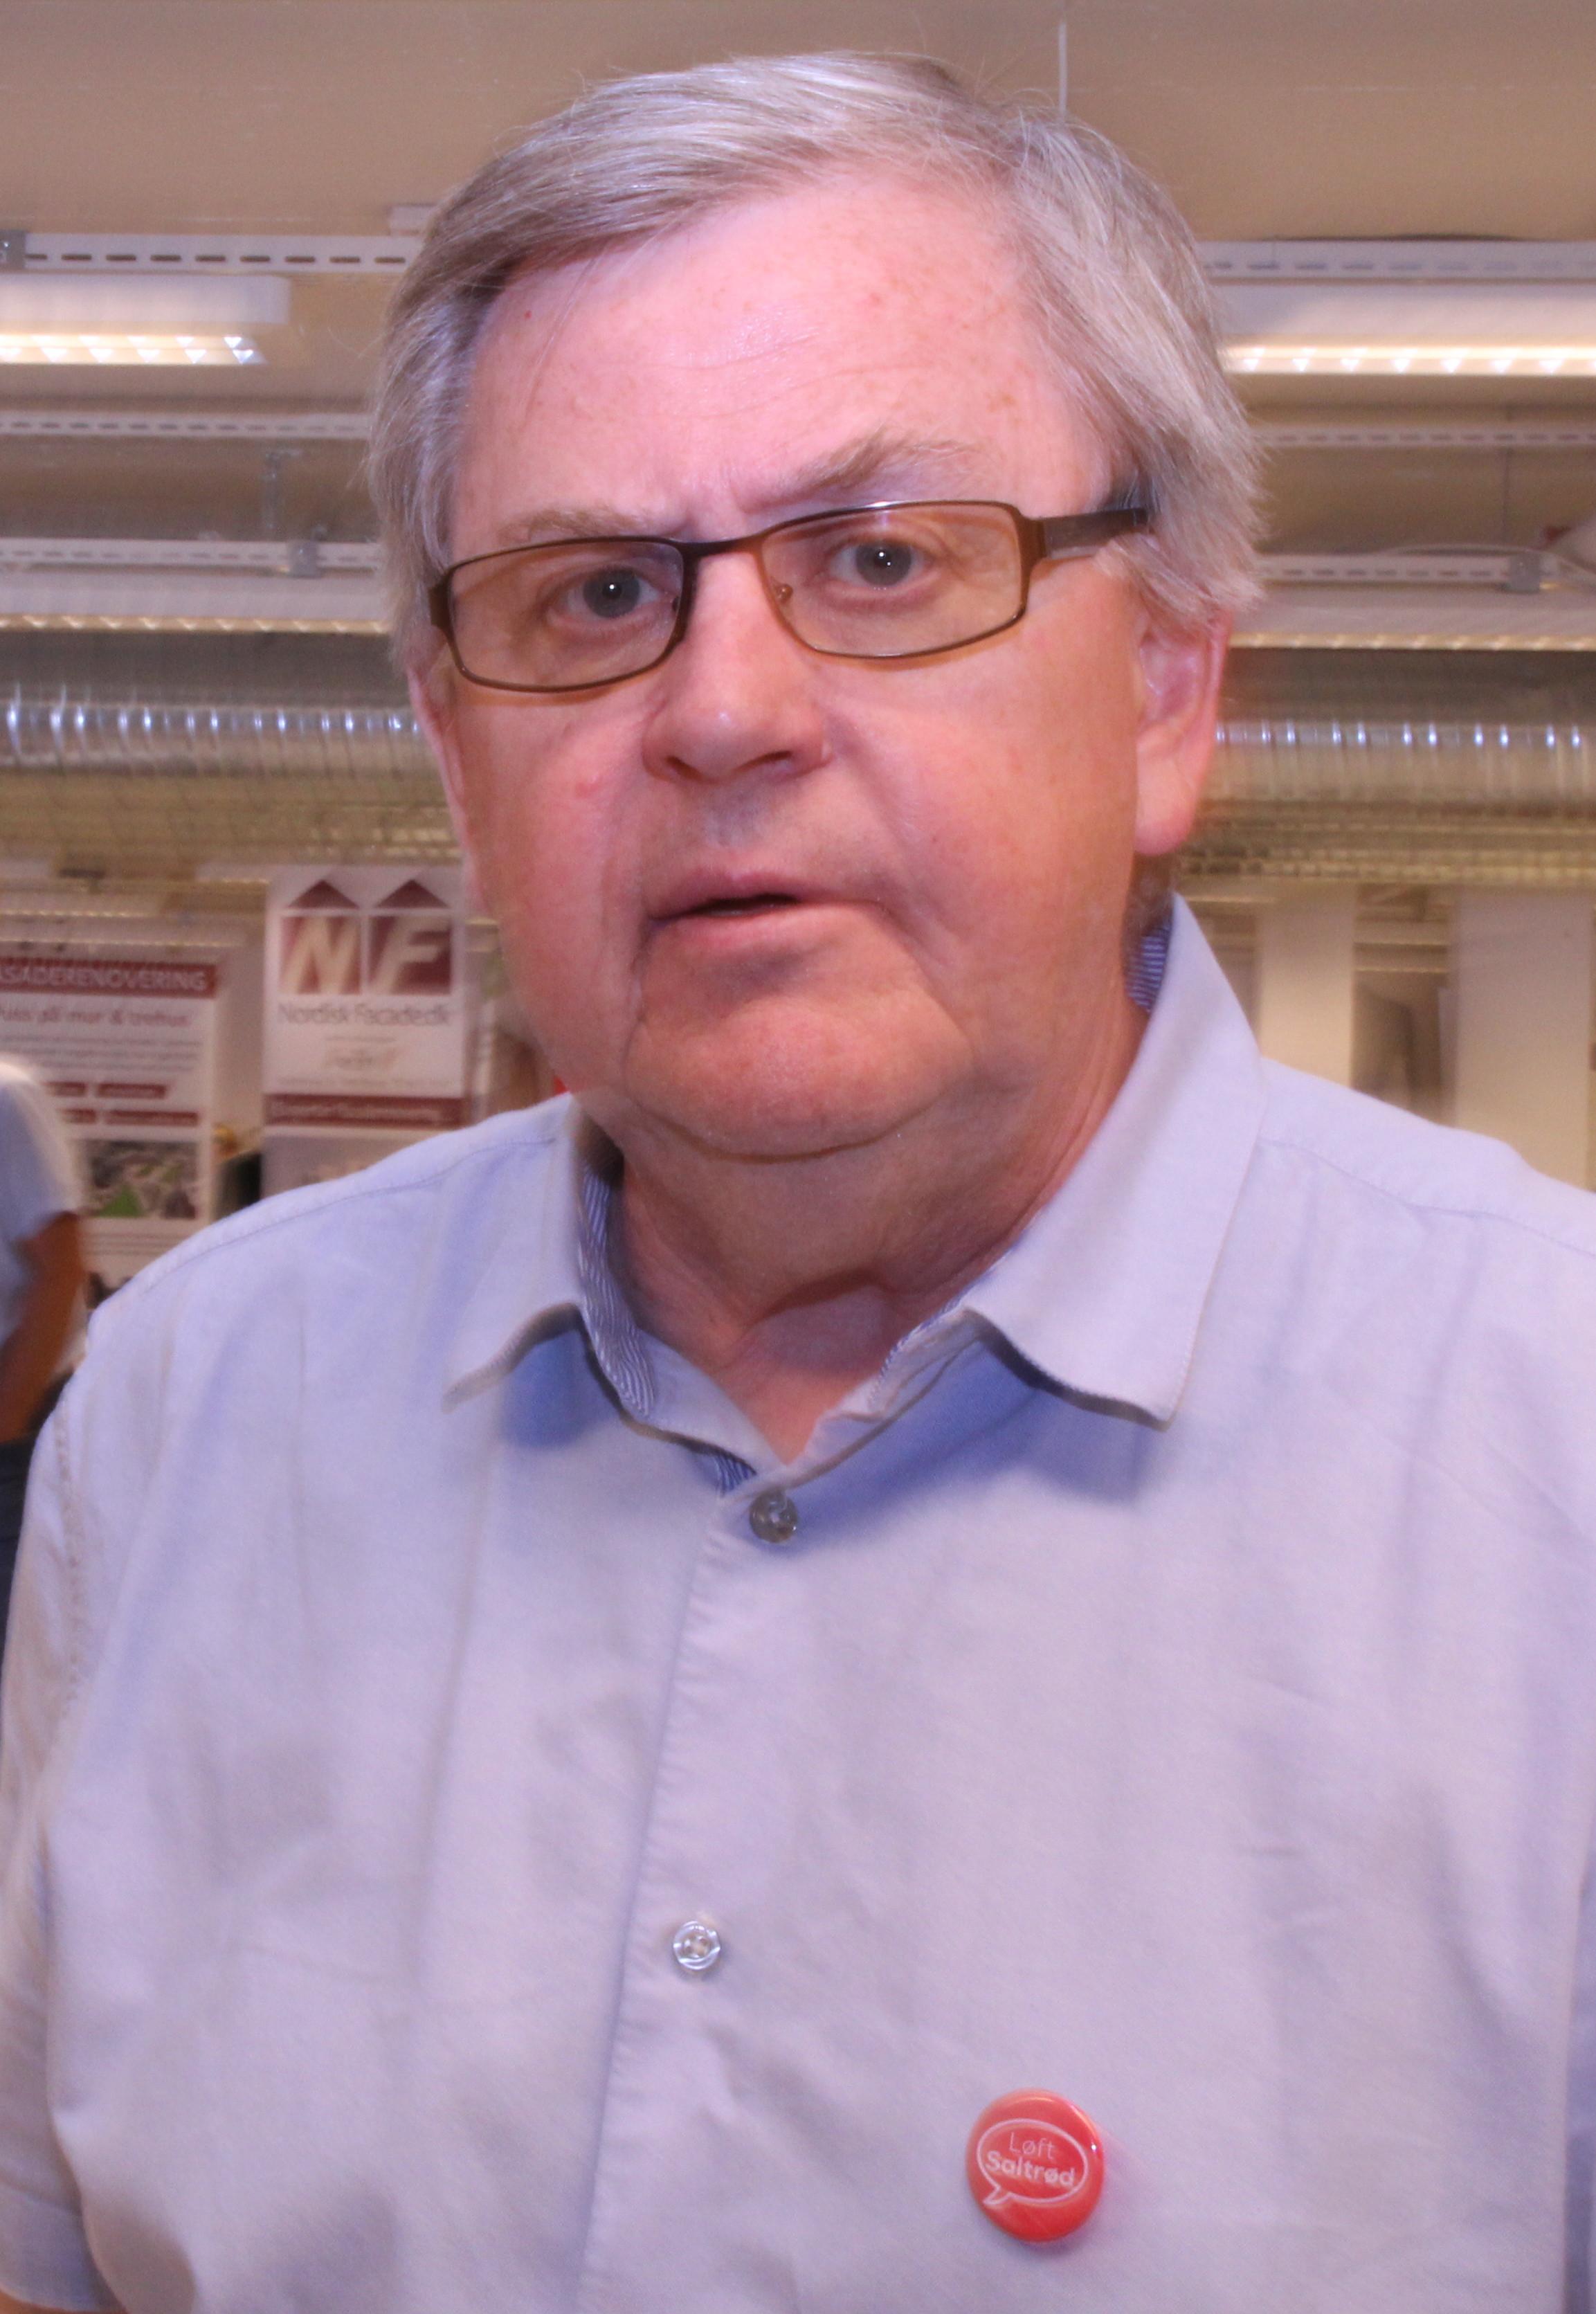 PRIMUS MOTOR: Prosjektleder for Vekst i Arendal øst, Trond G. Hansen. Arkivfoto